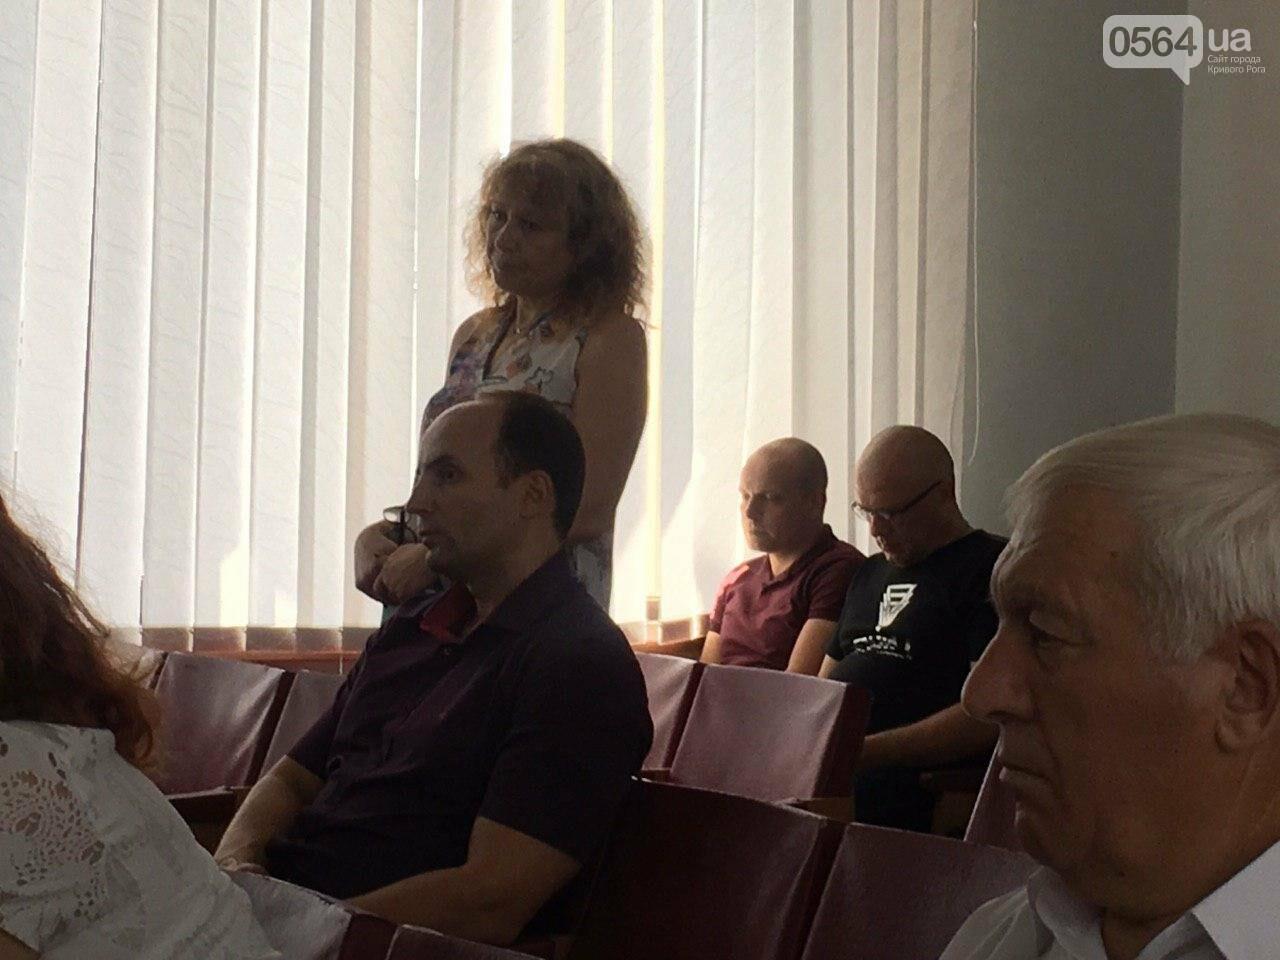 Криворожское КП пытается подготовится к отопительному сезону, несмотря на долг в полмиллиарда, - ФОТО , фото-22